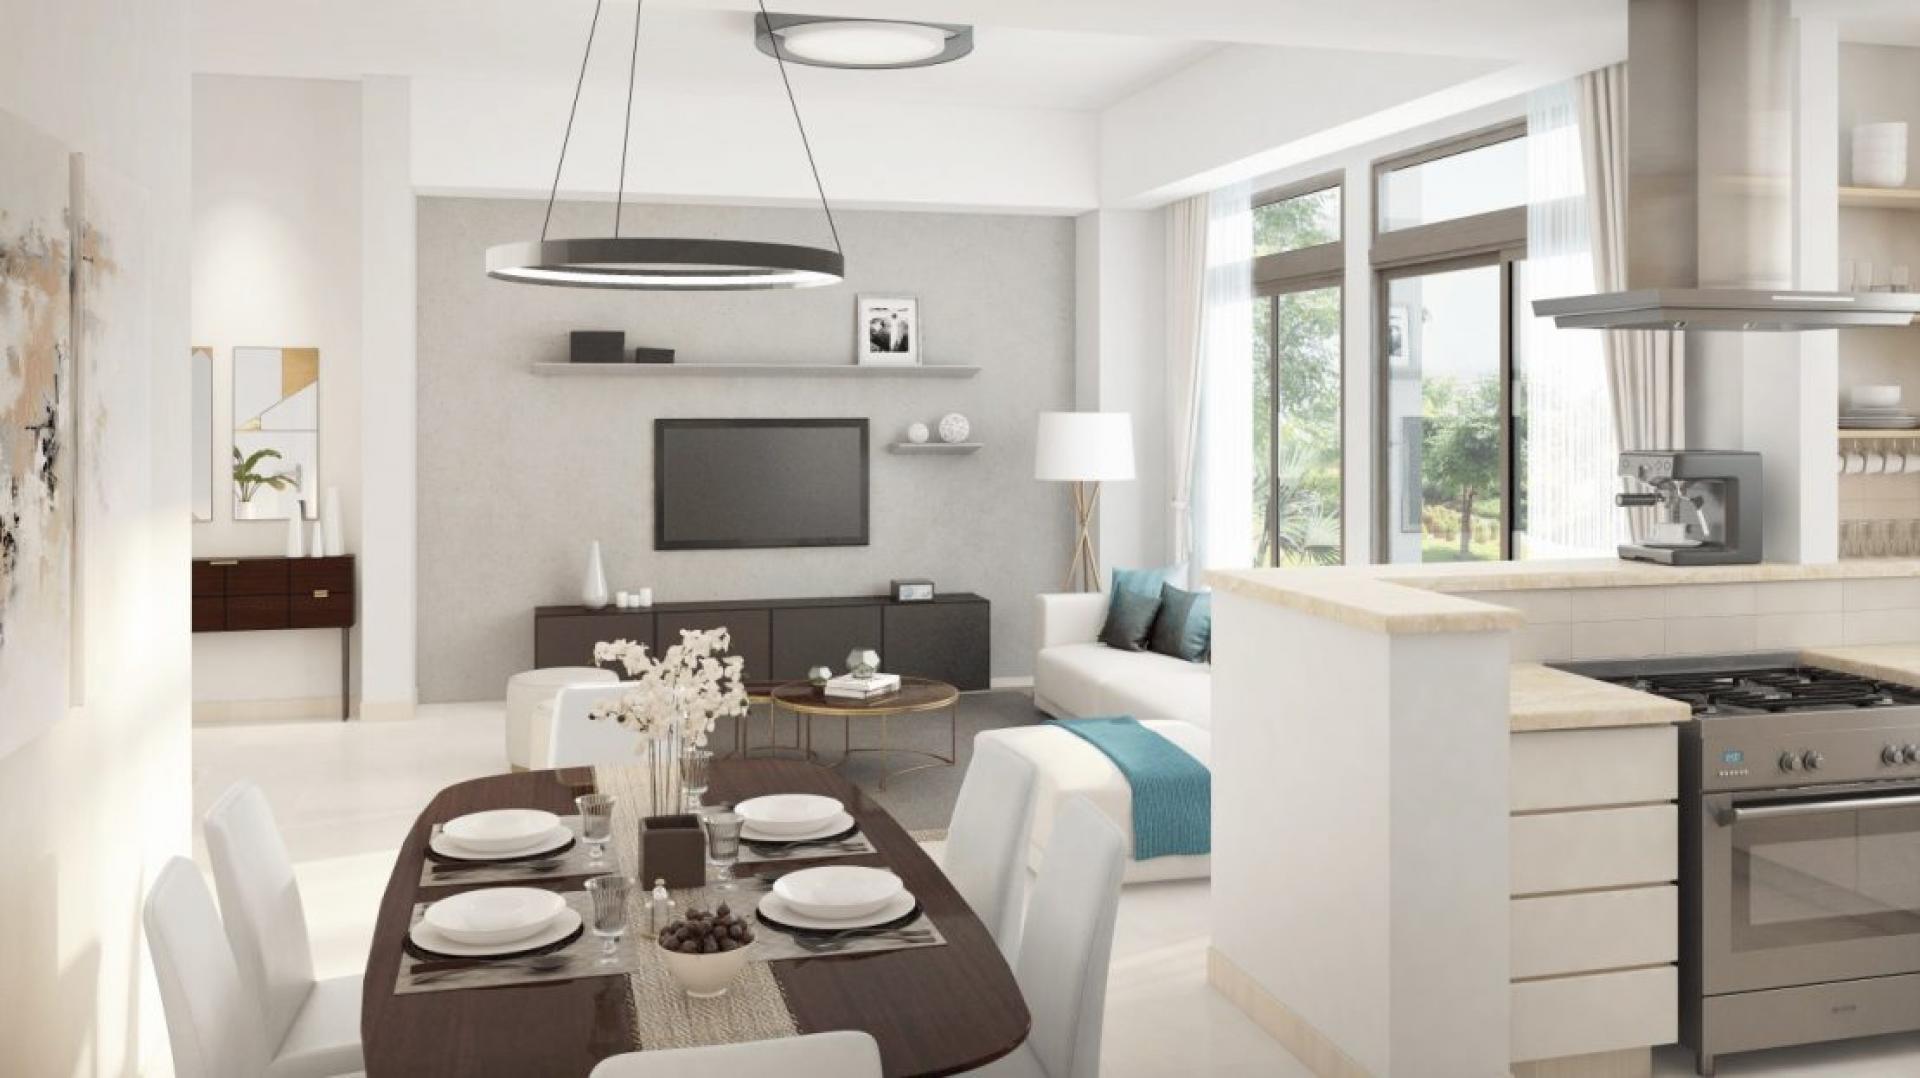 Adosado en venta en Dubai, EAU, 3 dormitorios, 208 m2, № 24021 – foto 1